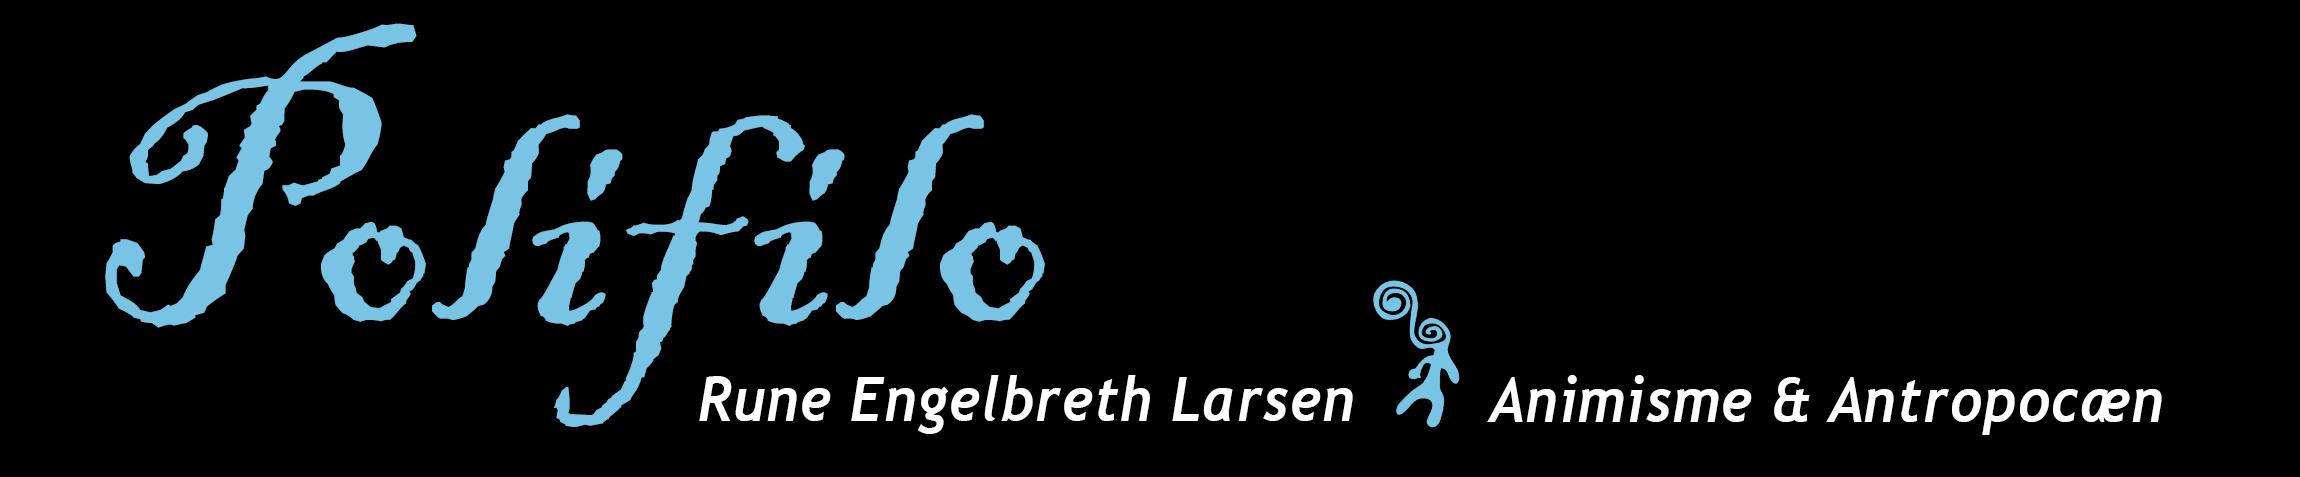 Polifilo - Rune Engelbreth Larsen